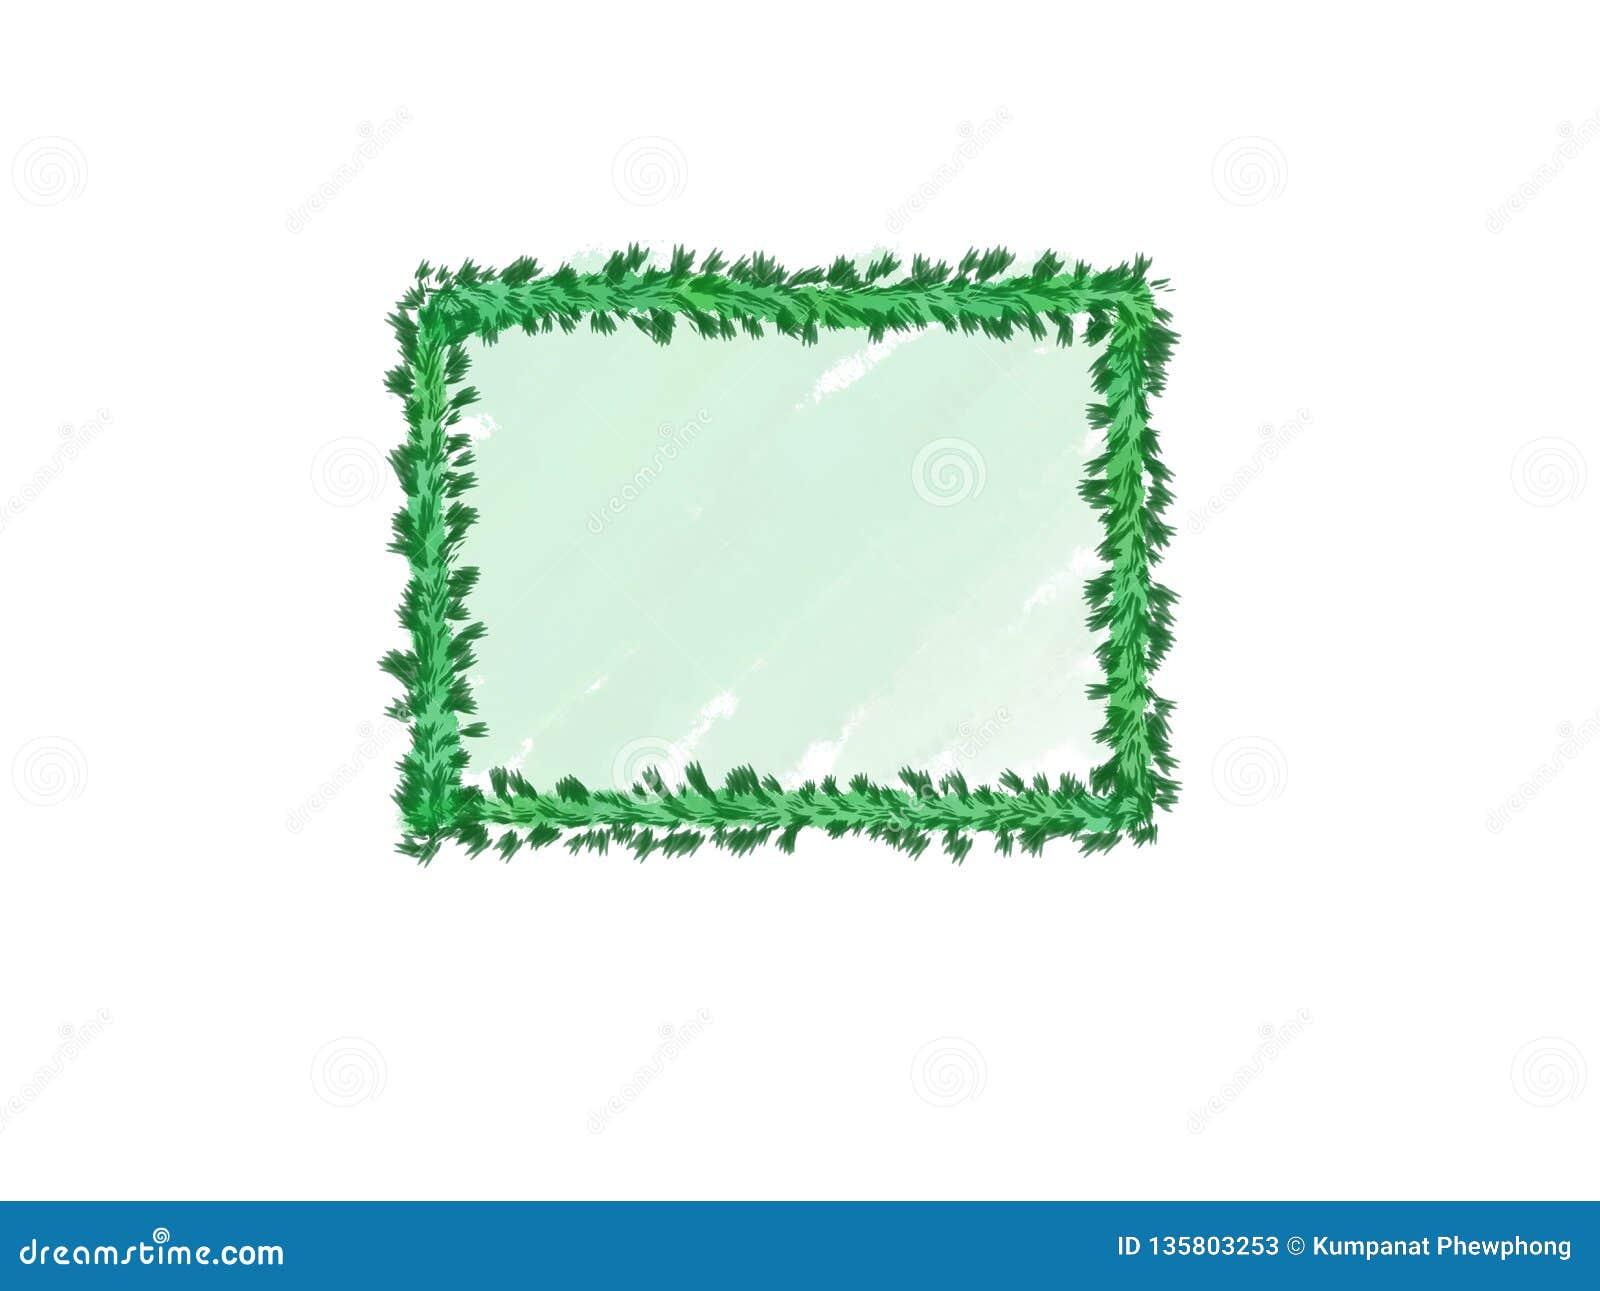 抽象墨水水彩、绿色叶子框架在白色背景与拷贝空间横幅的或商标